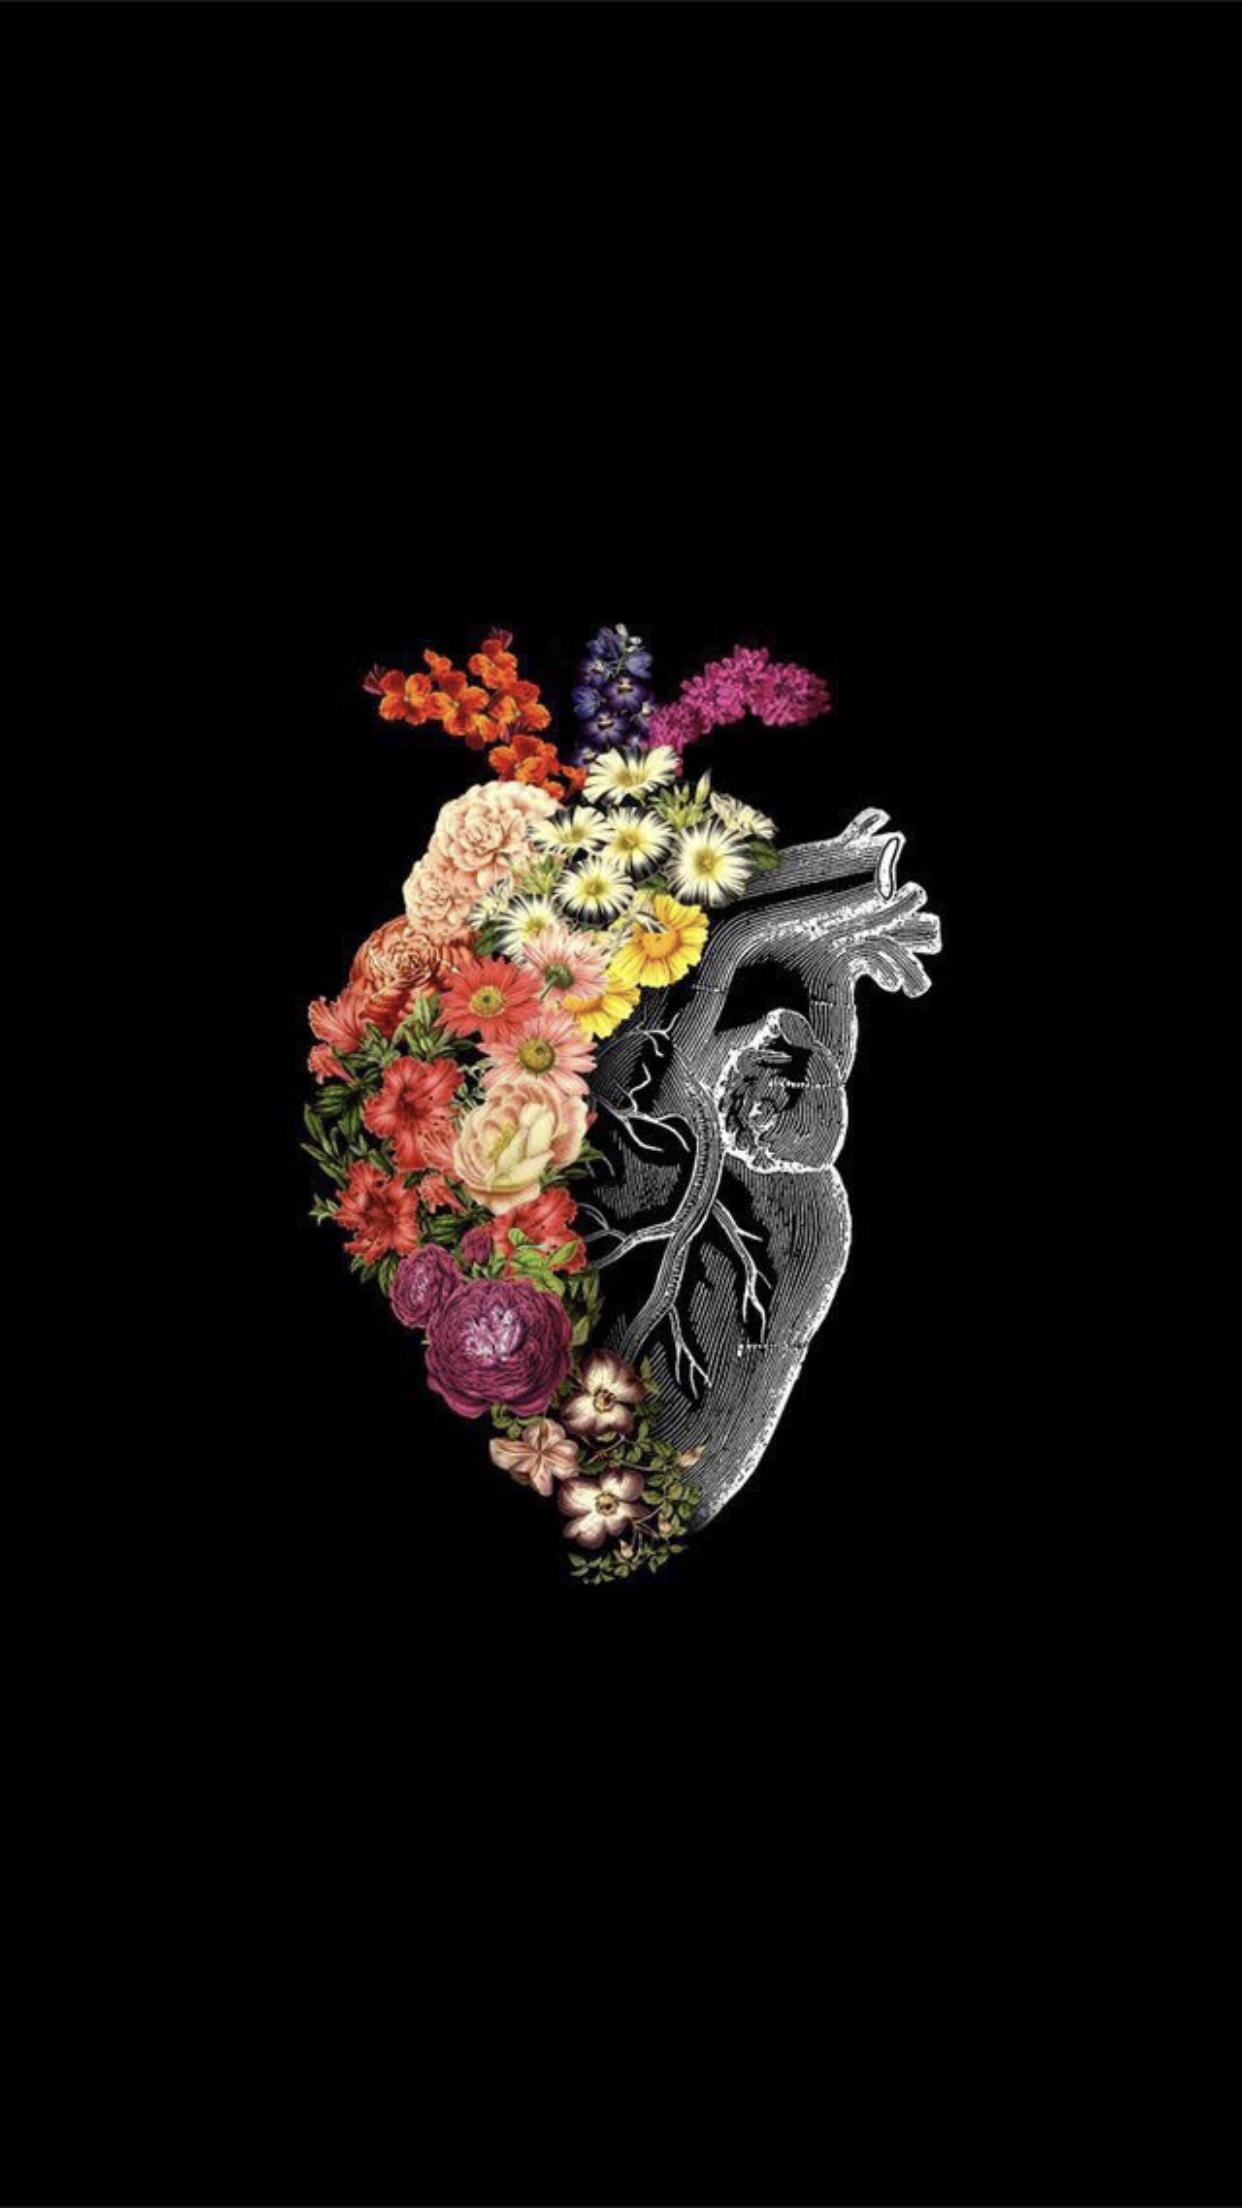 Mas Actual Imagenes Flores Fondos De Teclado Estilo 50 Anos B A Todo Gas Podria Ser El T In 2020 Anatomy Art Flower Art Flower Drawing